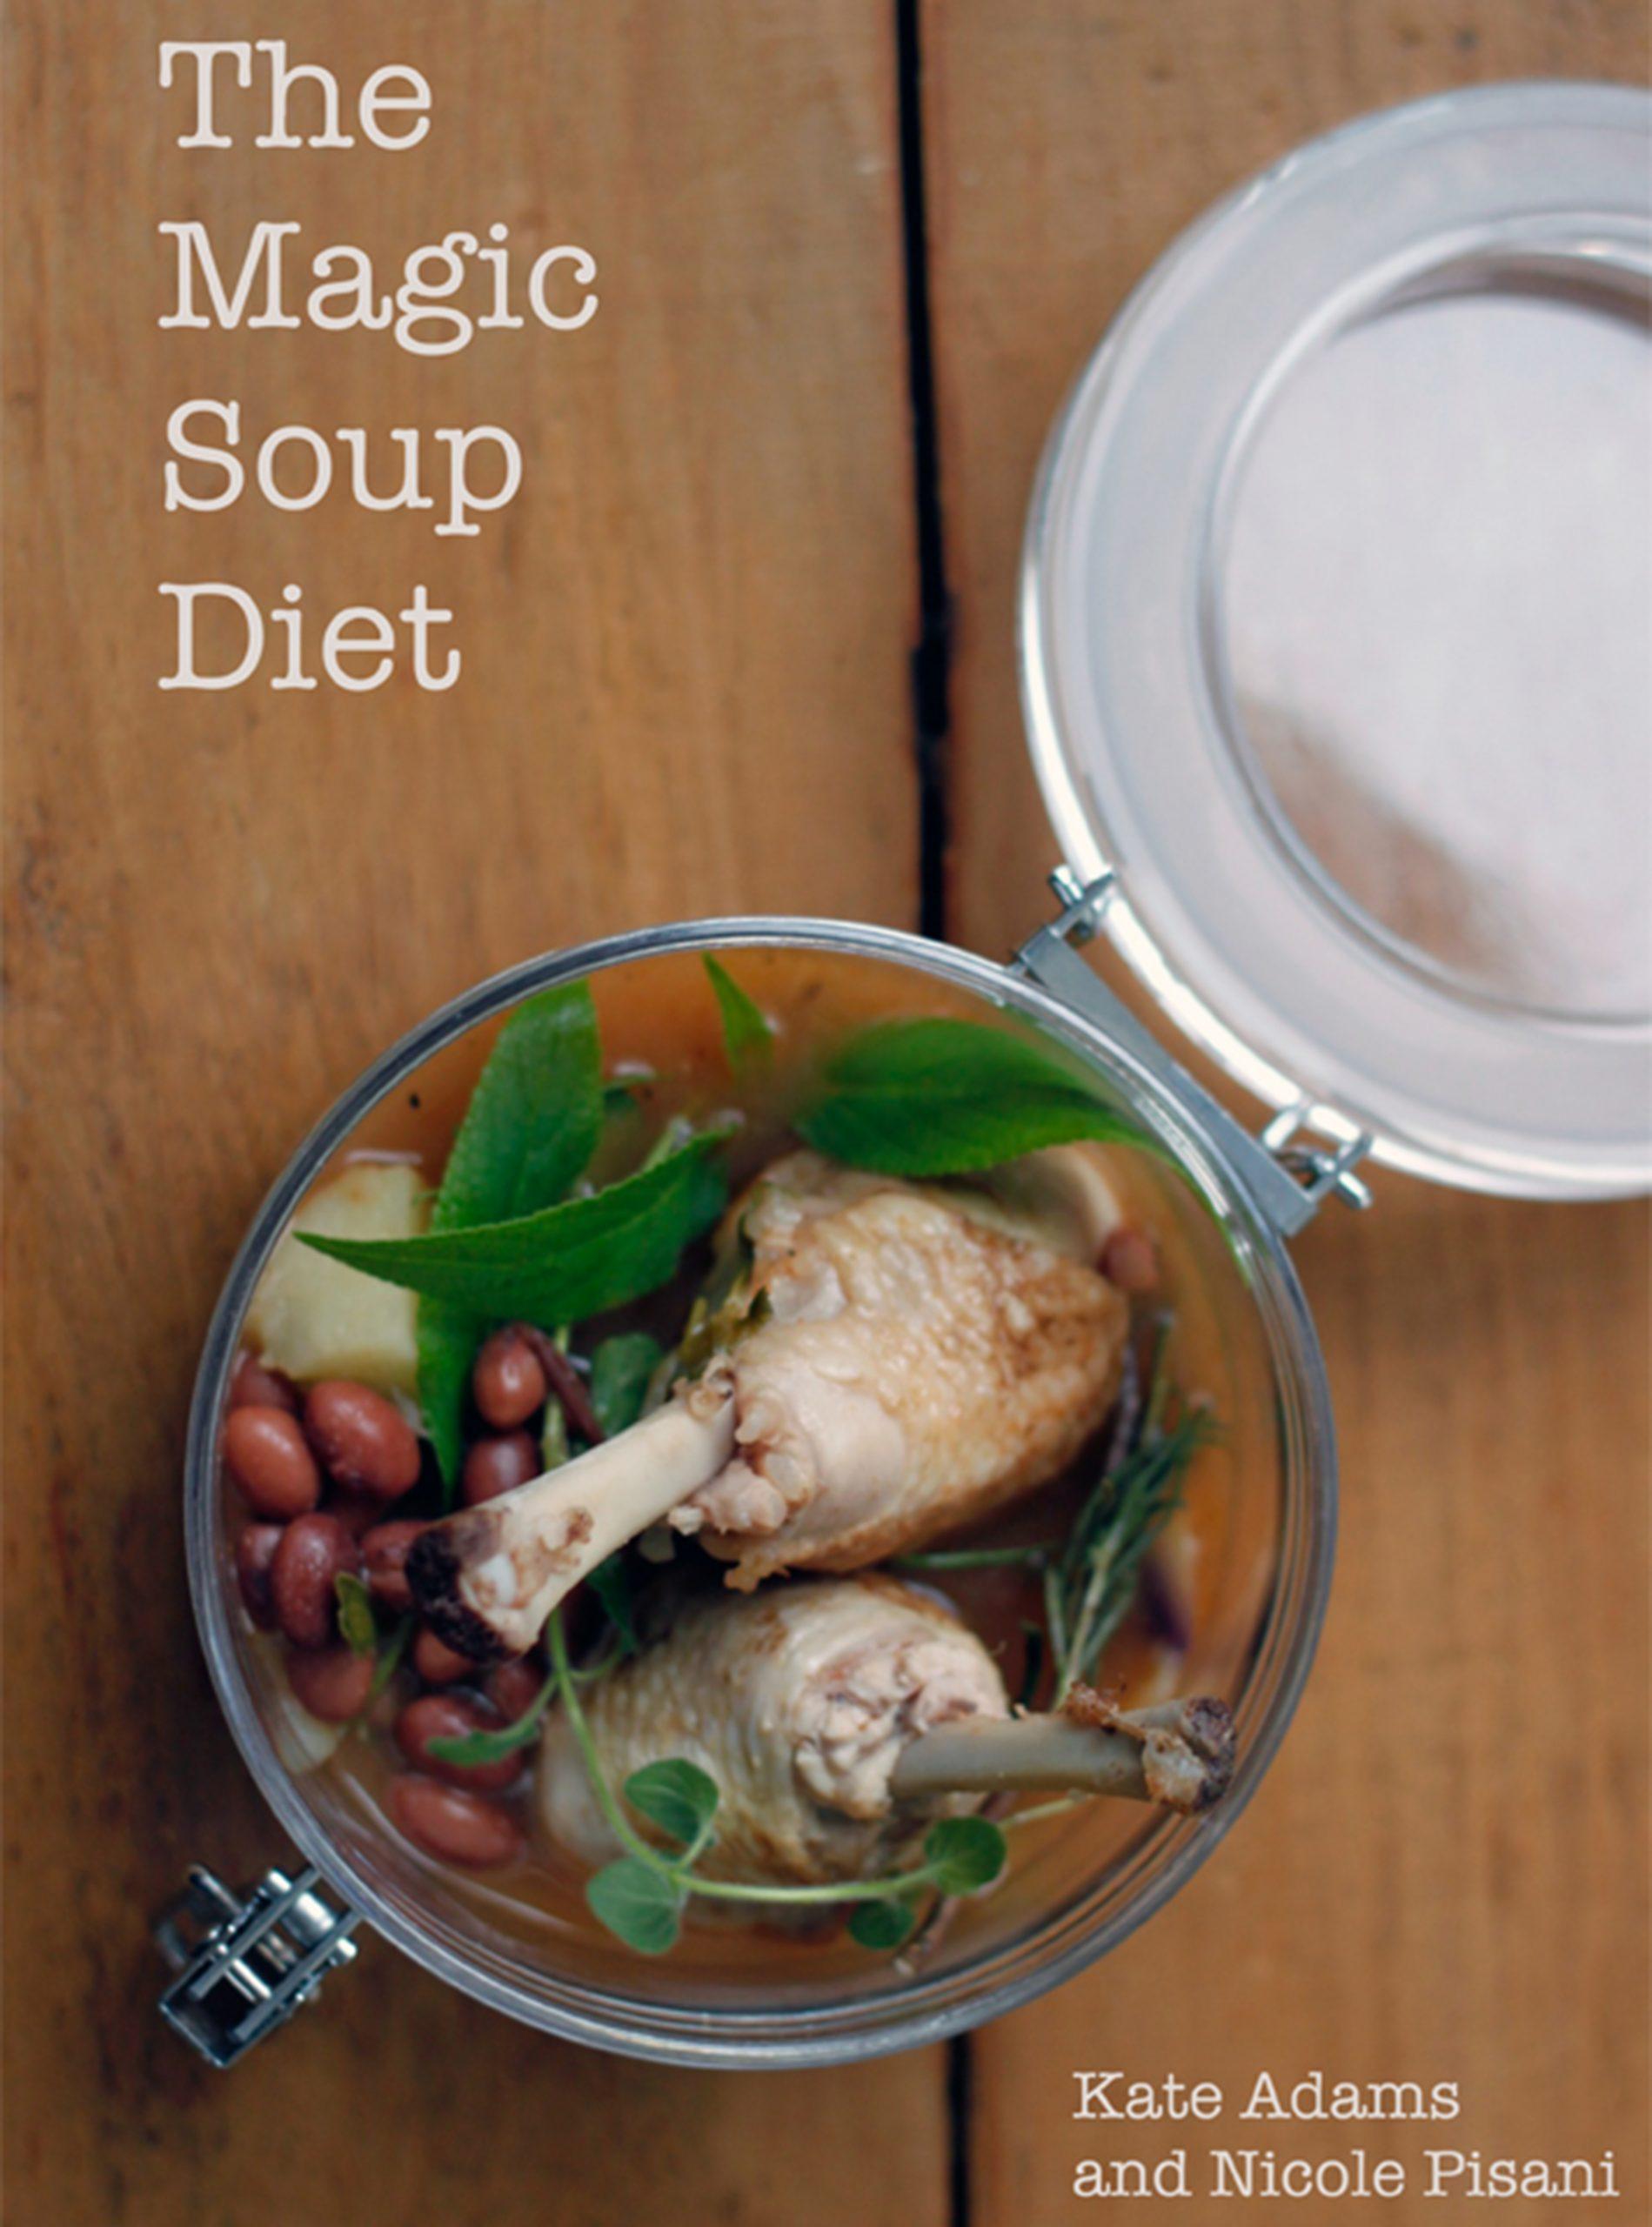 Magic-Soup-Diet-cover photo